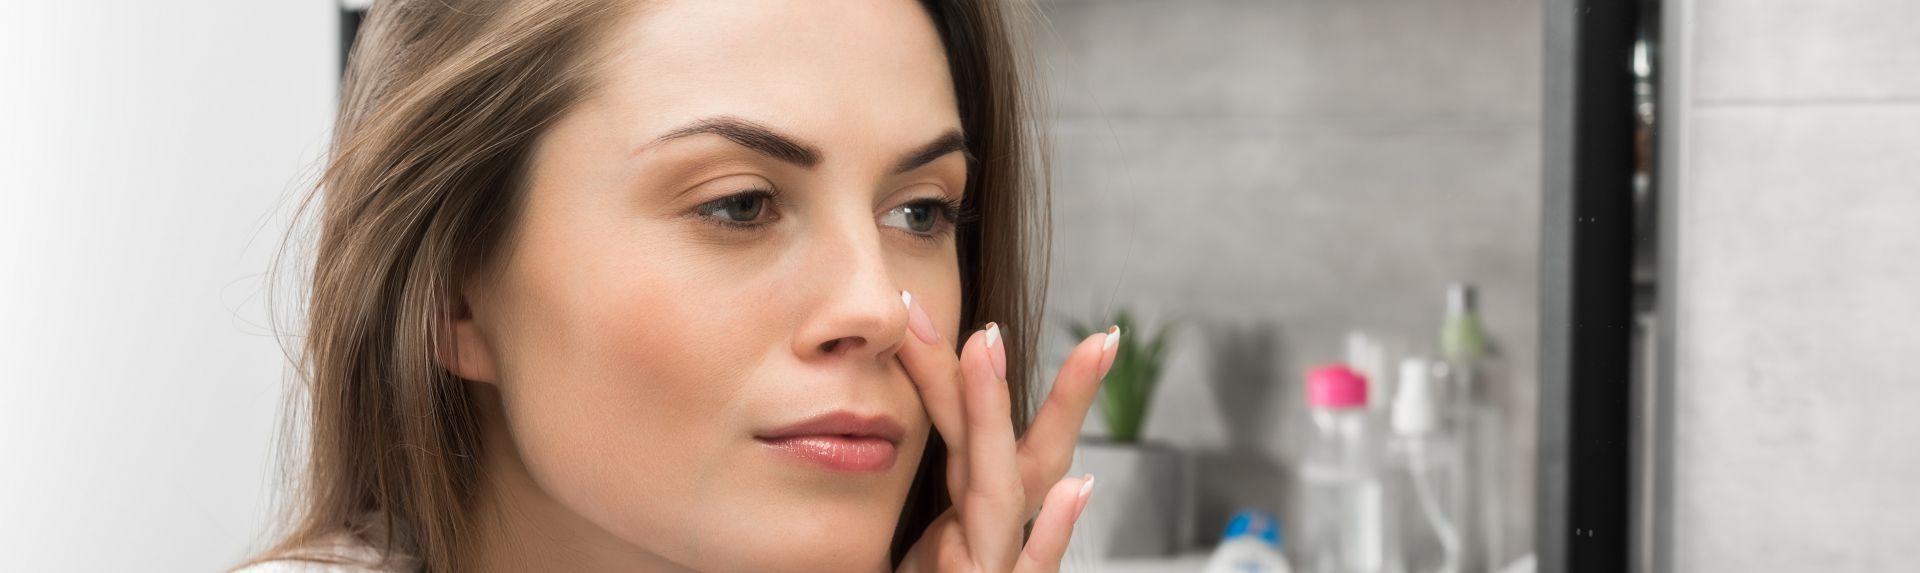 Какие гормоны влияют на состояние кожи